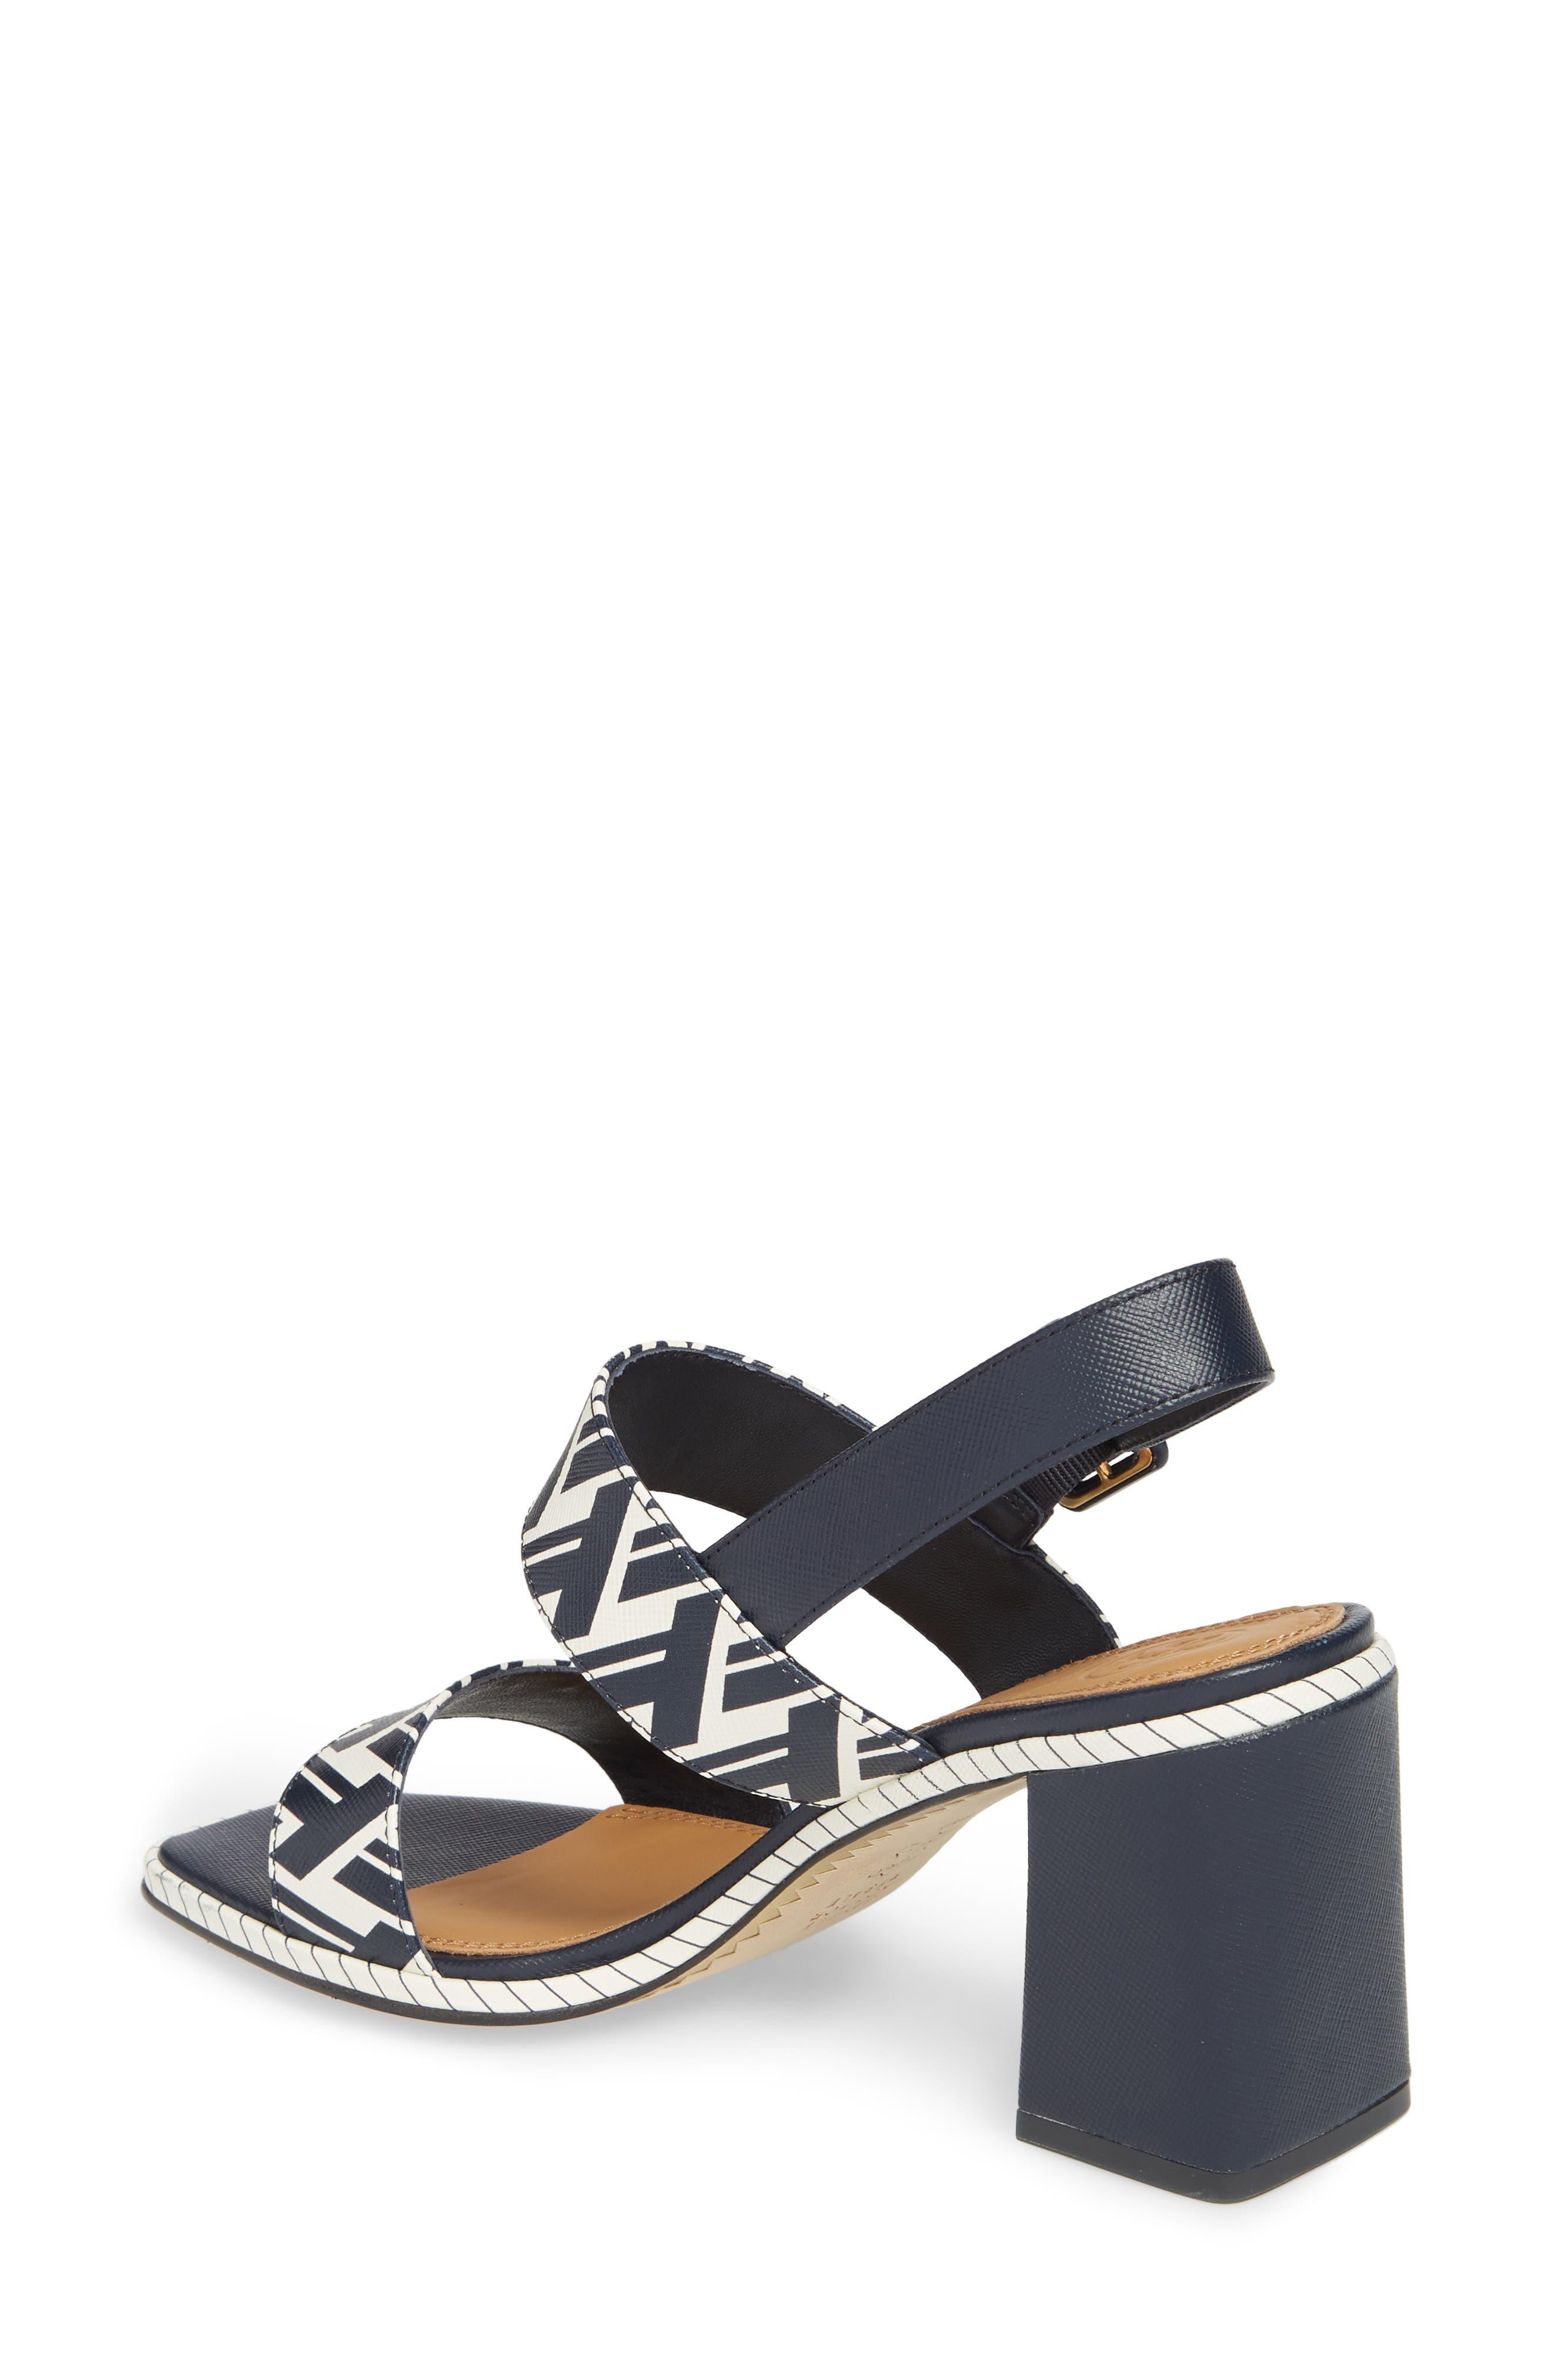 Delaney Double Strap Sandal,                             Alternate thumbnail 9, color,